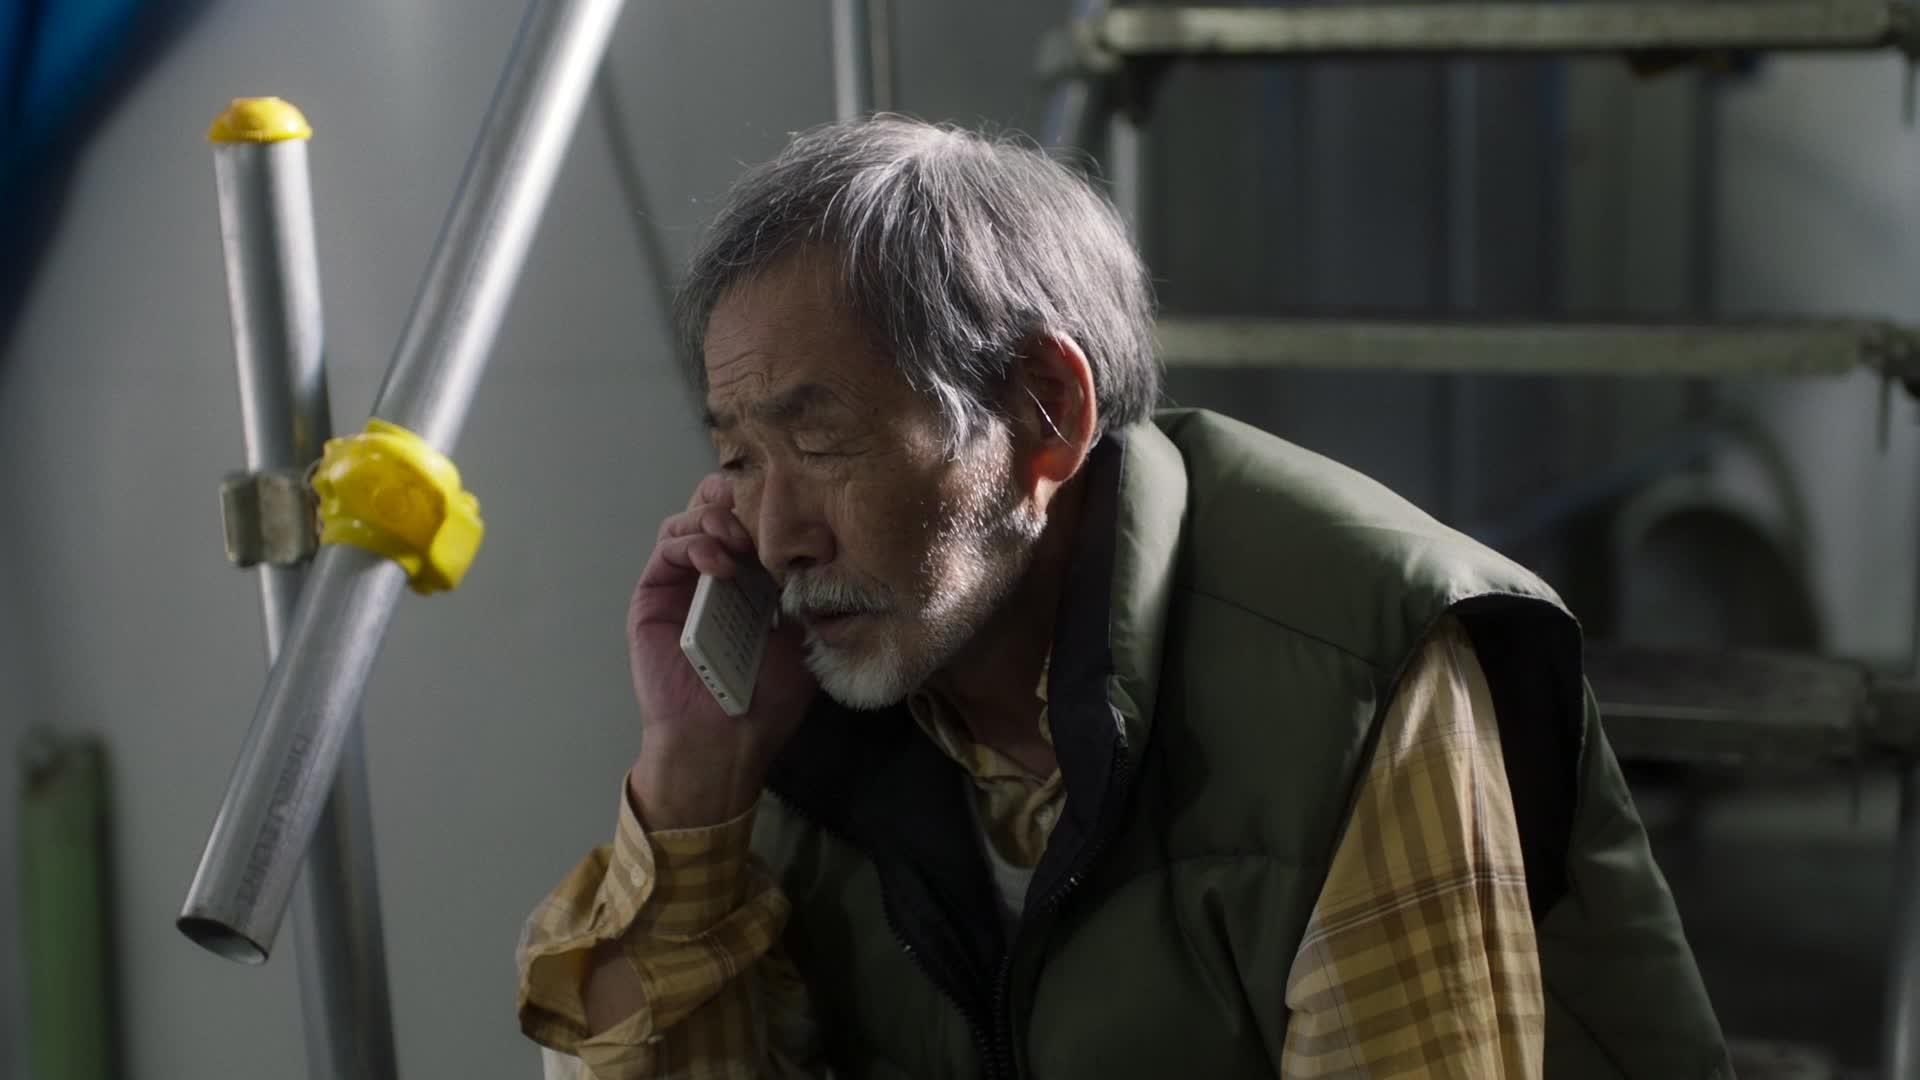 【又見奈良】今日公映 馮小剛徐帆鼎力推薦看點十足